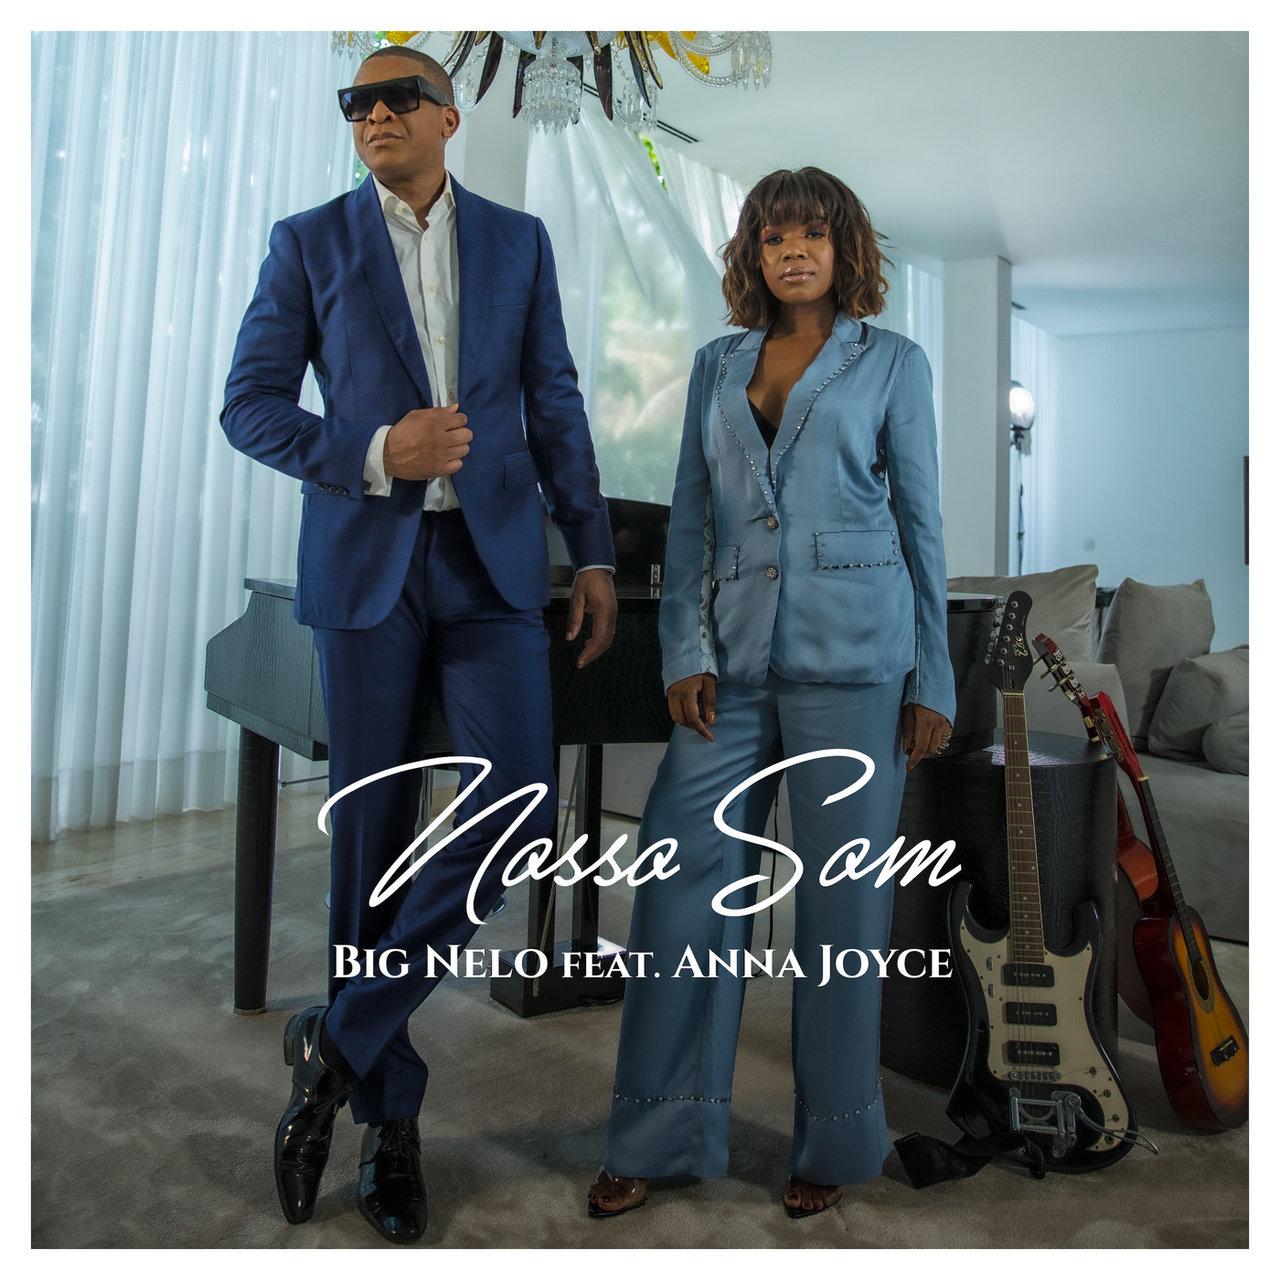 Big Nelo - Nosso Som (ft. Anna Joyce) (Cover)